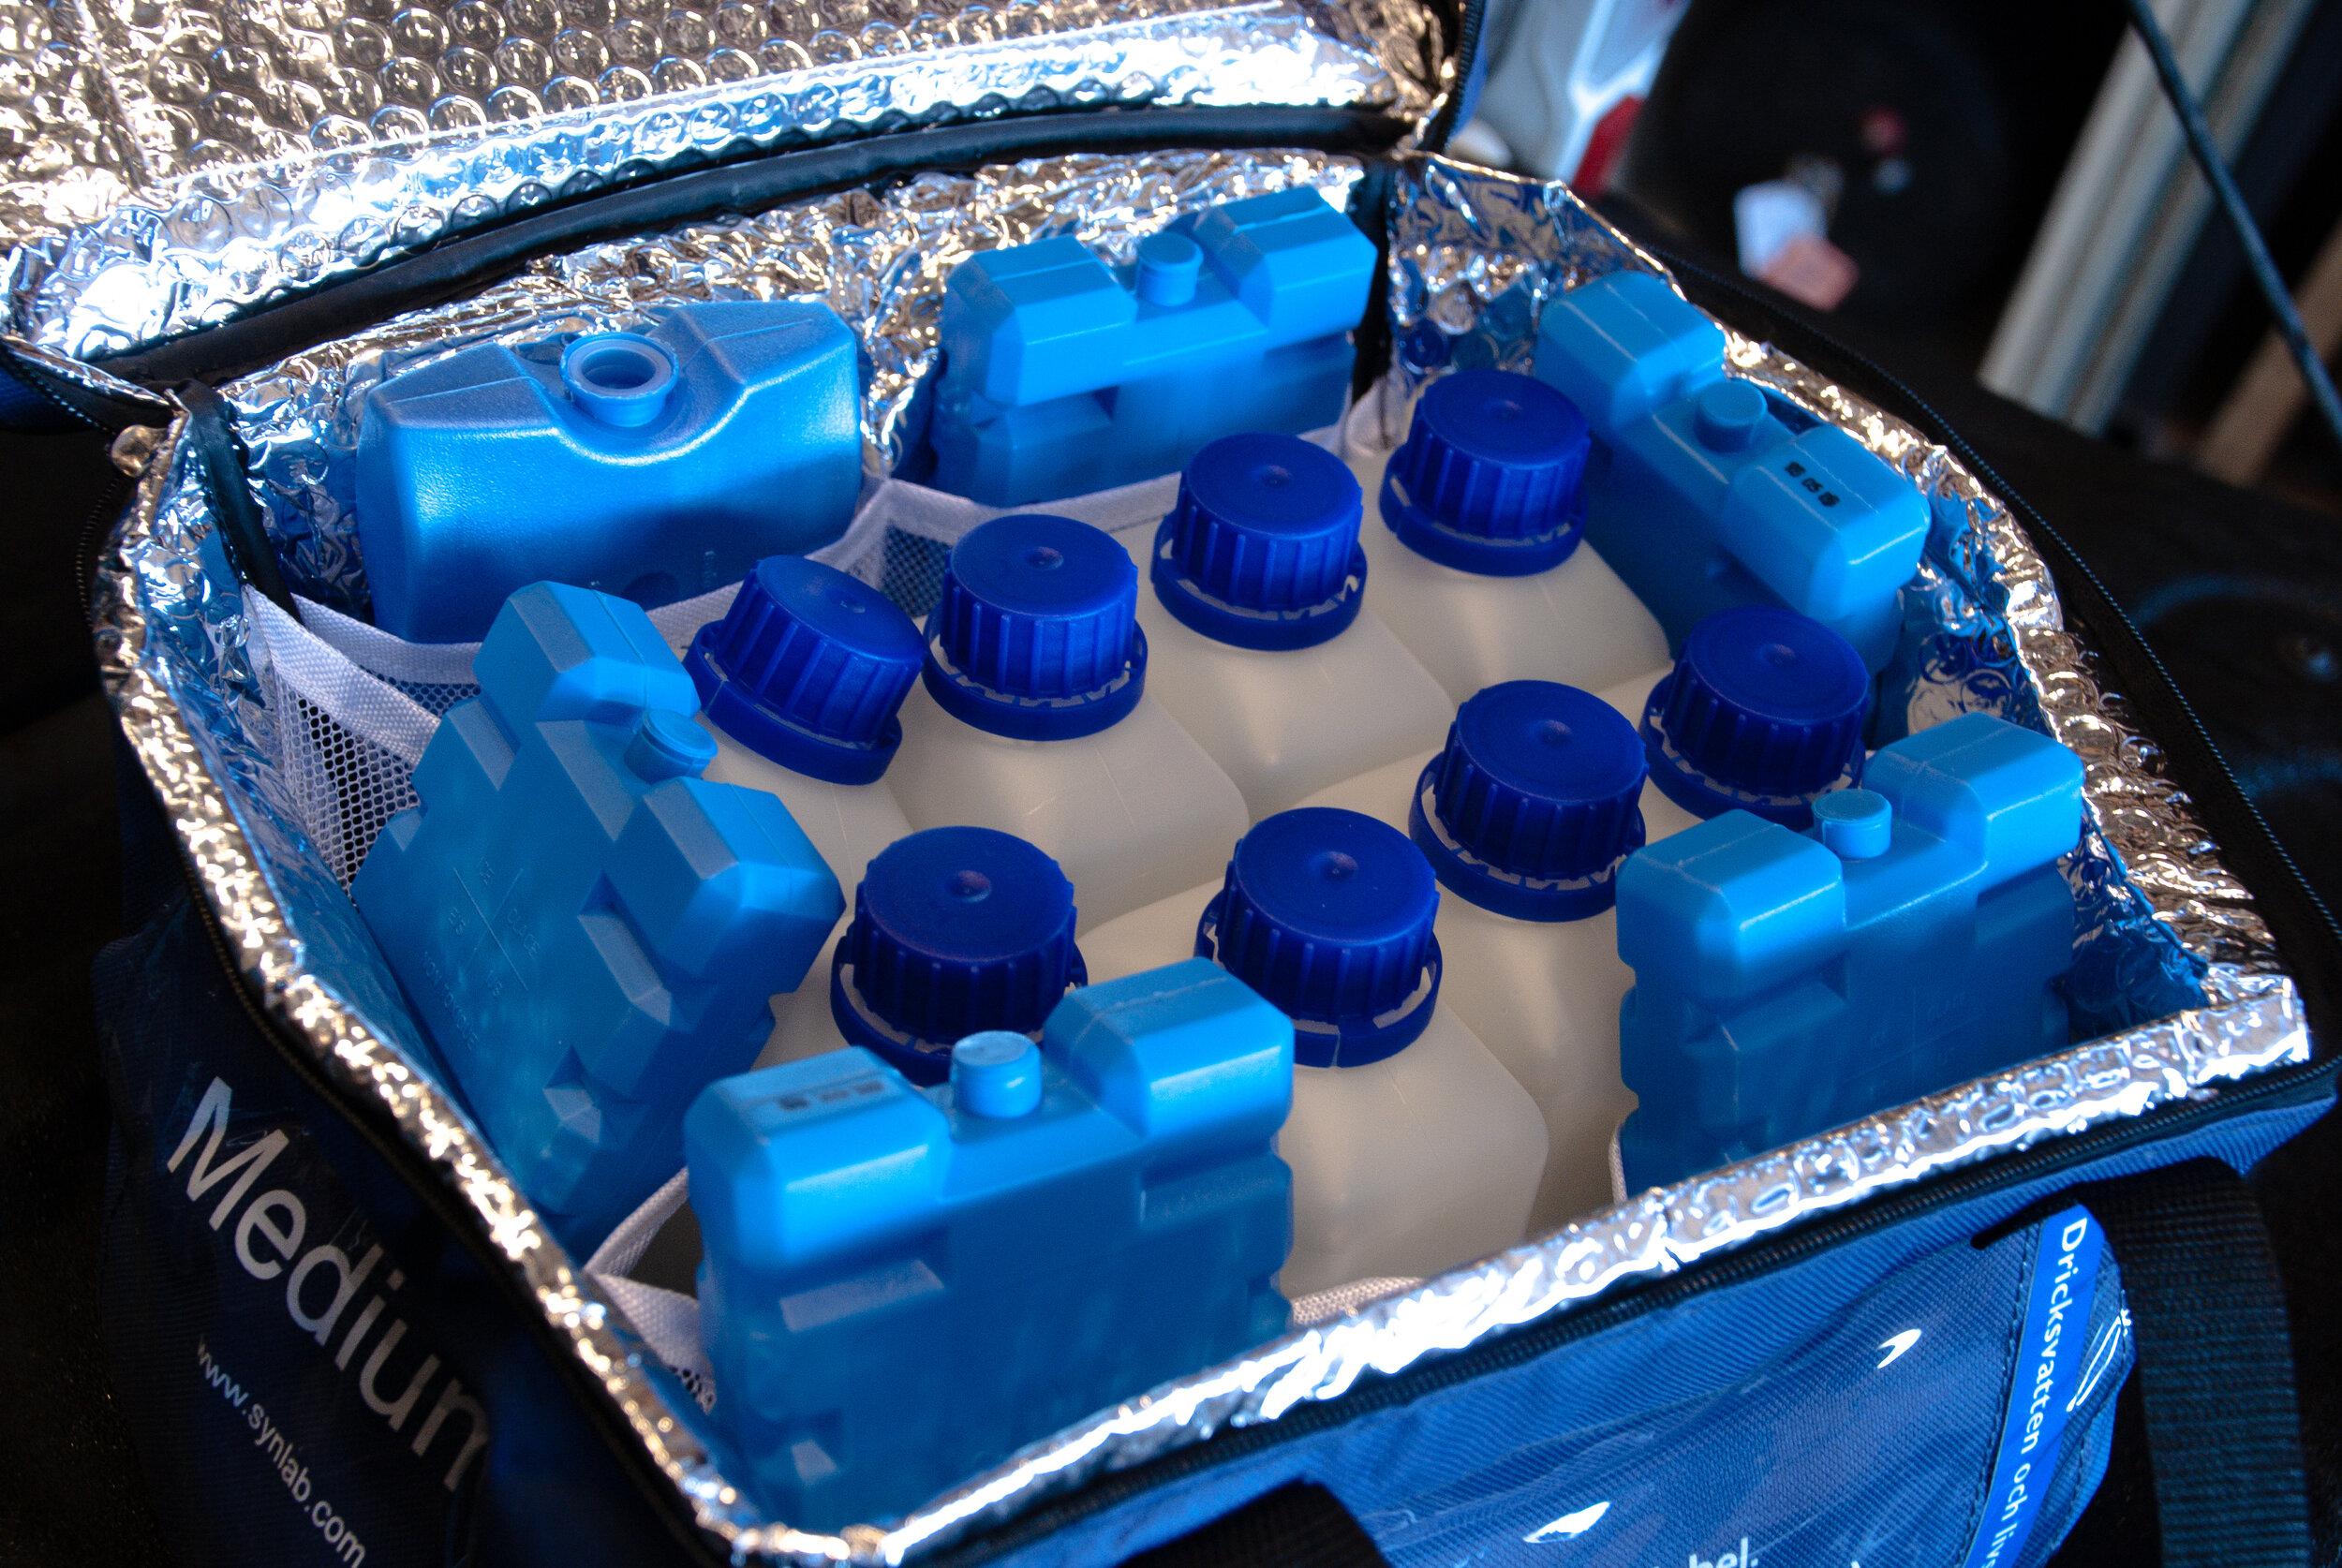 Pollex-vattenprover-va-vatten.jpg